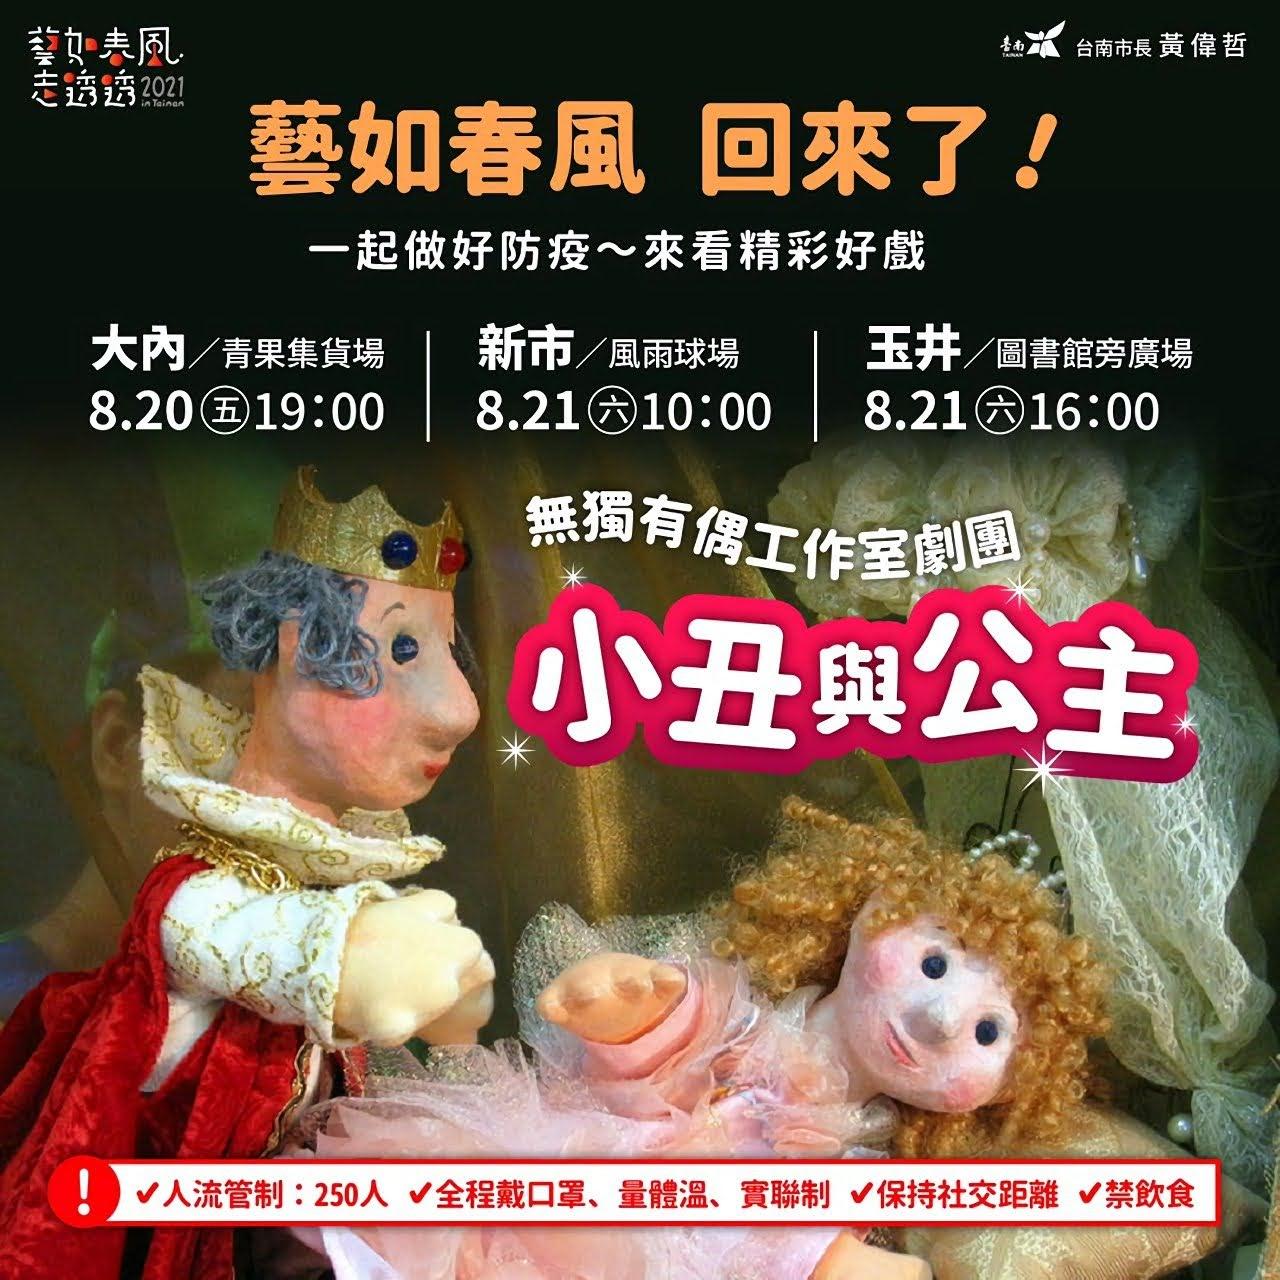 2021藝如春風走透透《小丑與公主》無獨有偶工作室劇團|活動